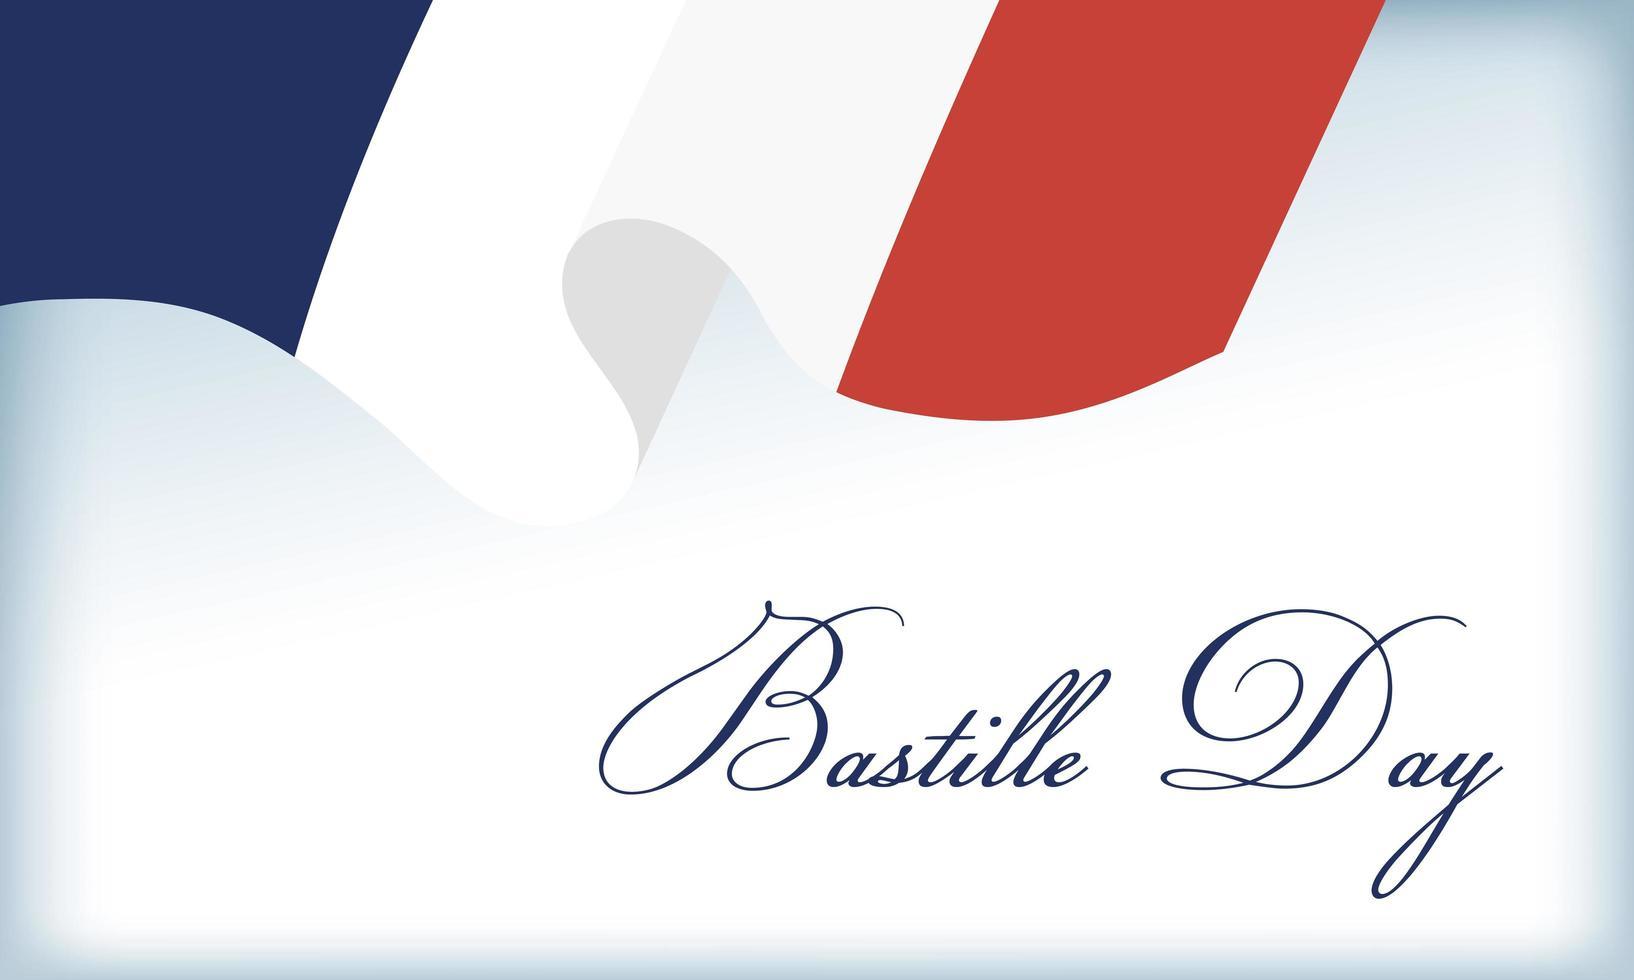 bastille dag firande med fransk flagga vektor